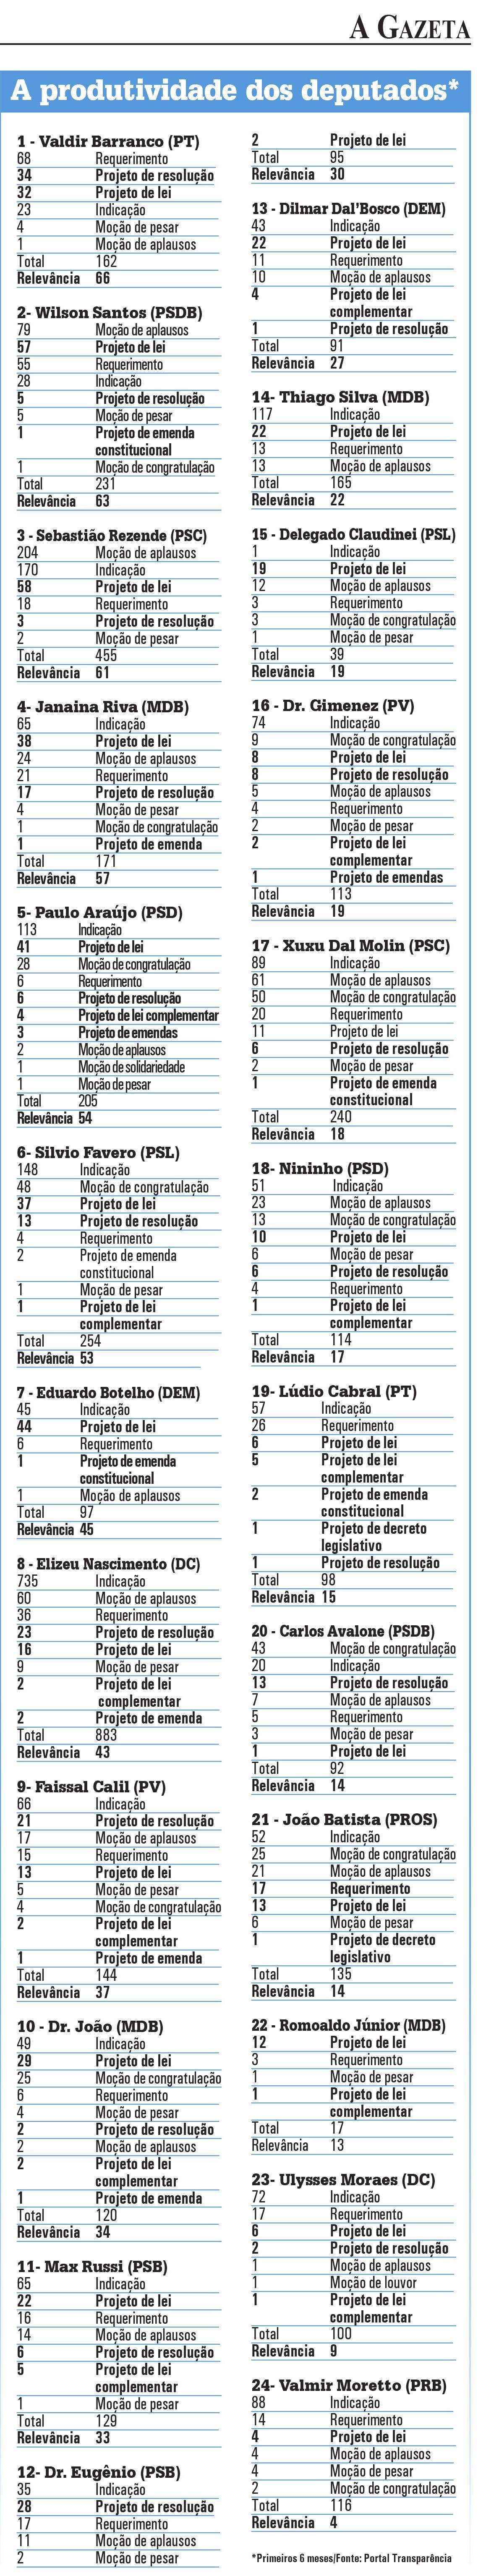 Jornal A Gazeta confirma: Valdir Barranco é o deputado mais atuante da AL